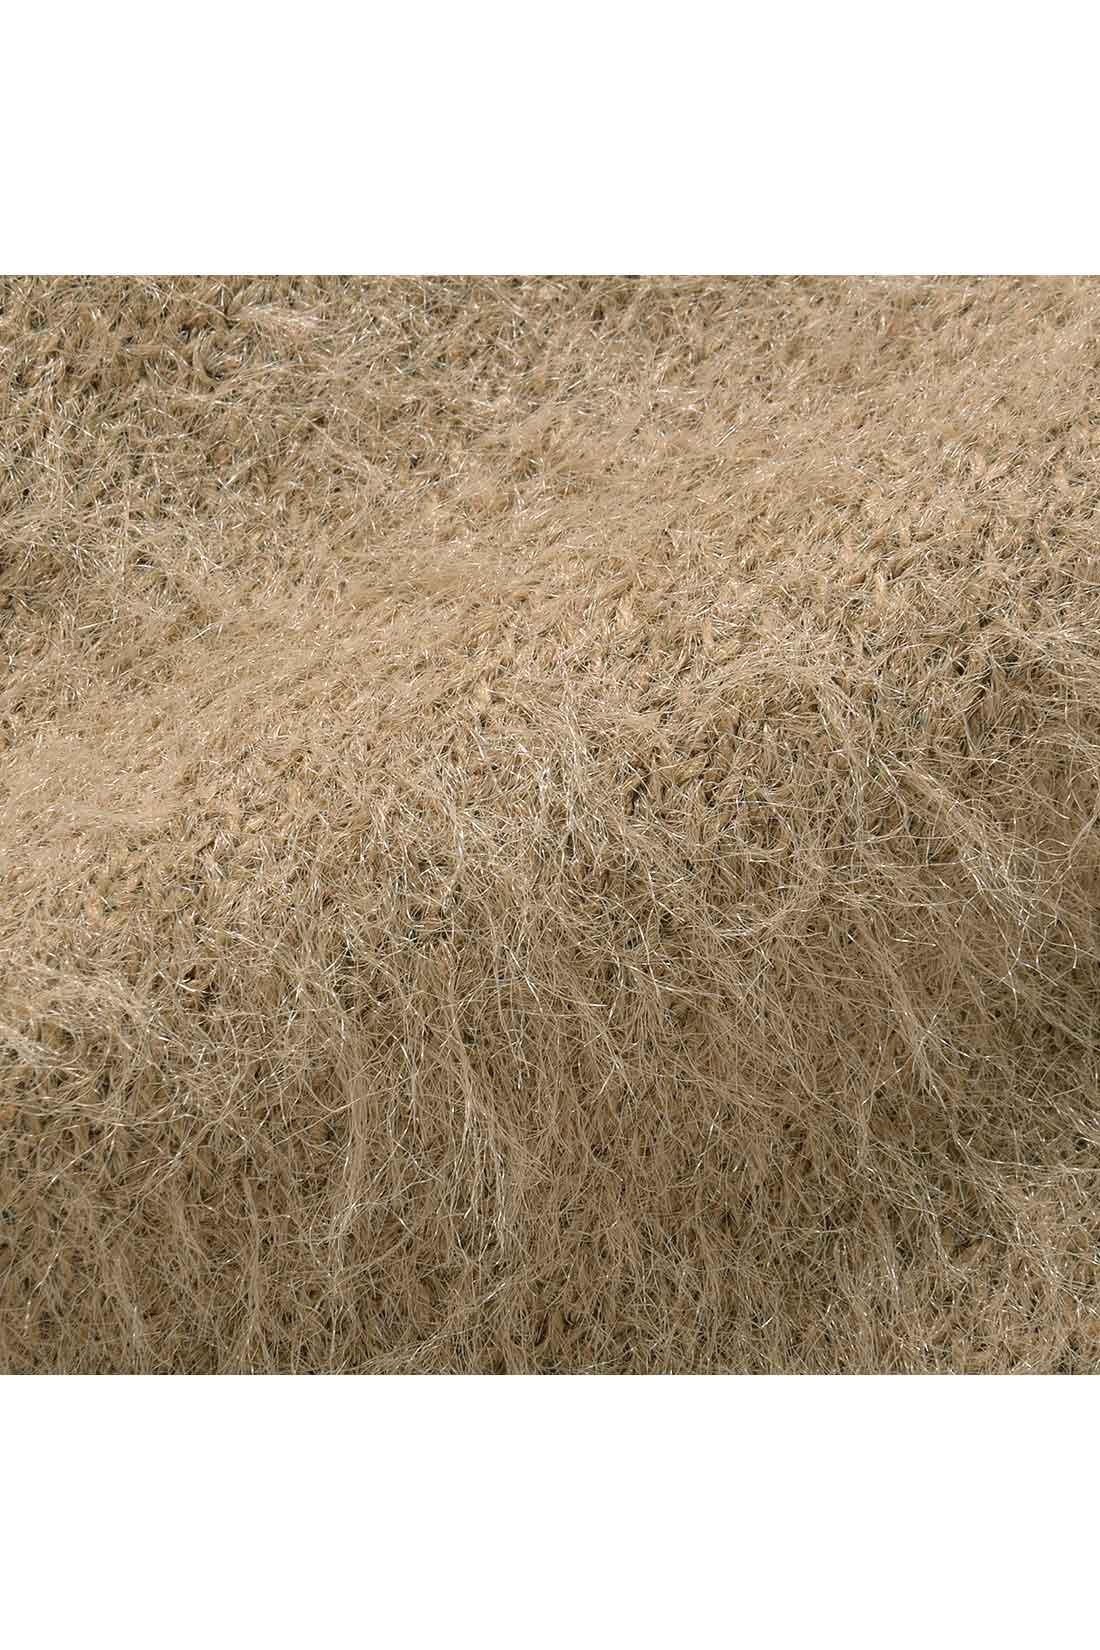 ふんわりとした繊細な毛羽立ちが特長のやわらかな編み地です。へアリーな表情がとても上品で女らしさたっぷり。